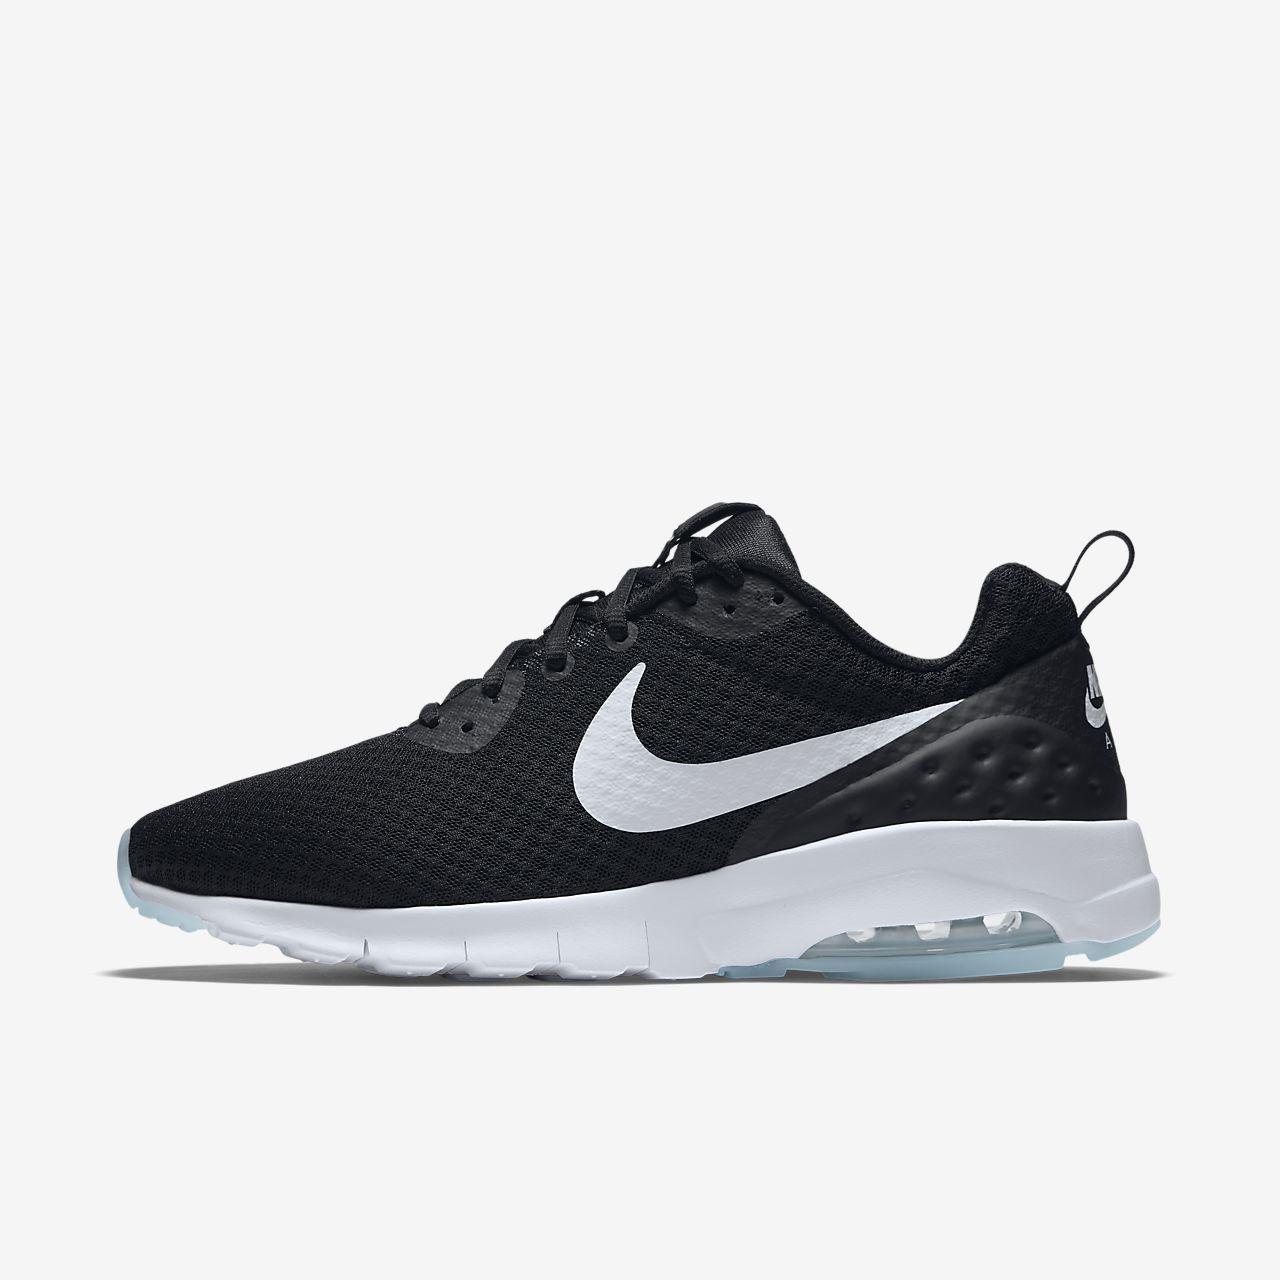 Sko Nike Air Max Motion Low för män